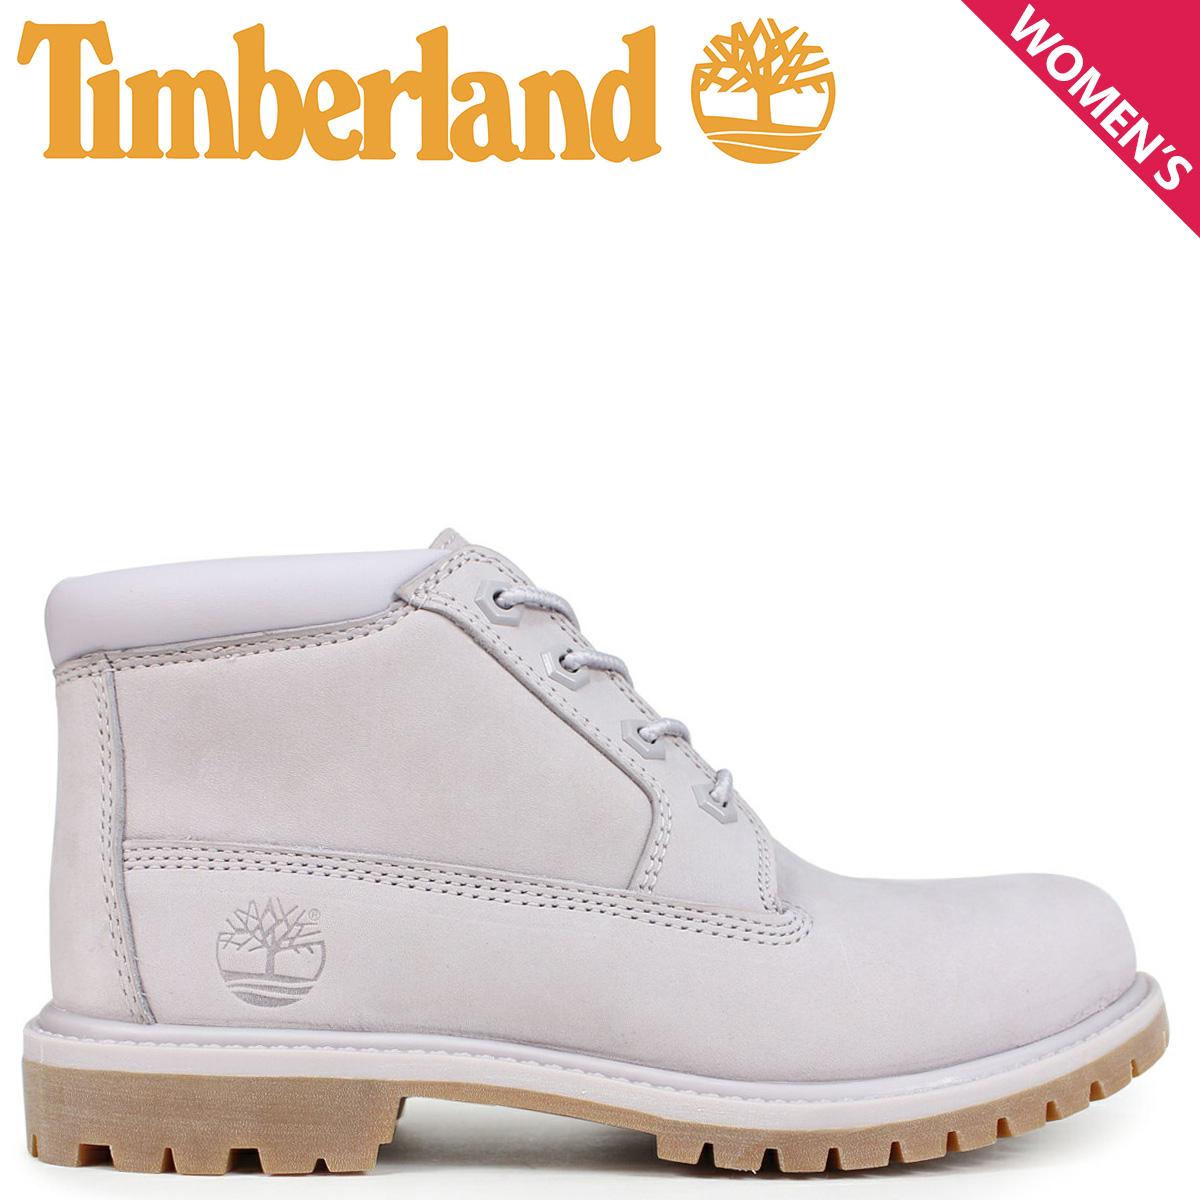 Timberland チャッカ レディース ティンバーランド ブーツ NELLIE CHUKKA DOUBLE A1S7R Wワイズ ライトグレー